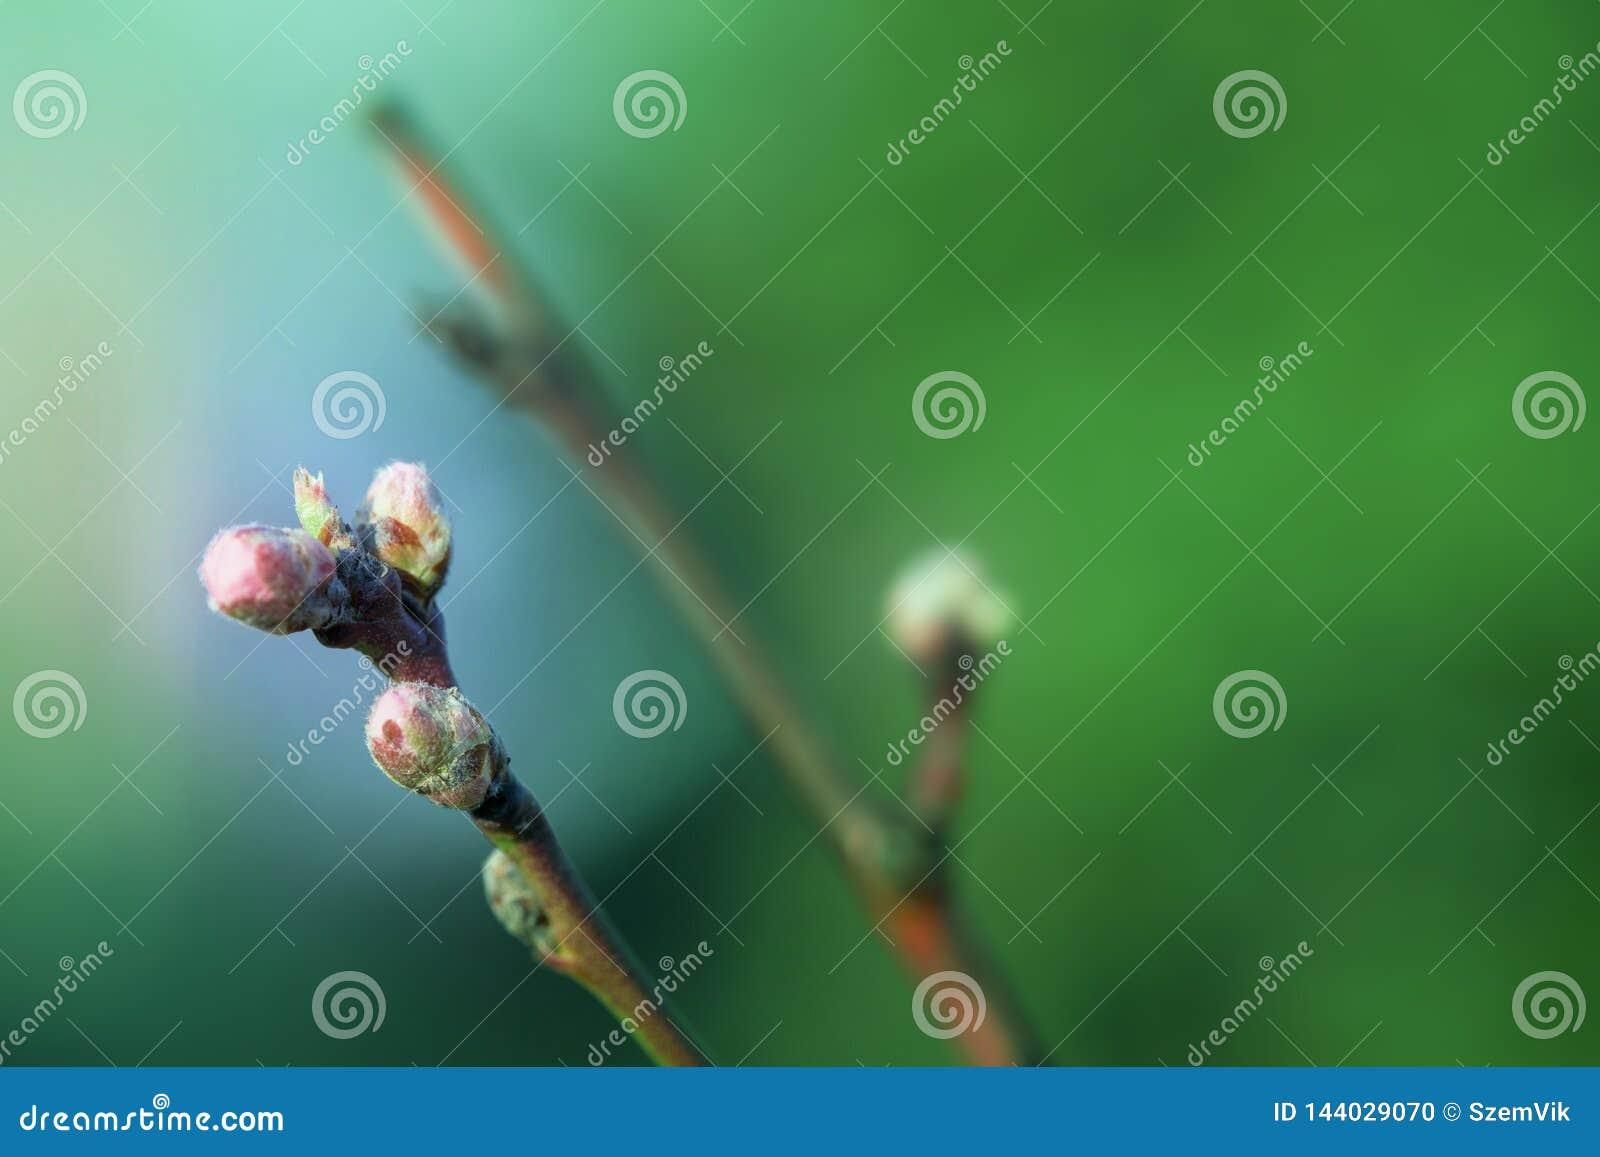 桃花在晴朗的早期的春天庭院里